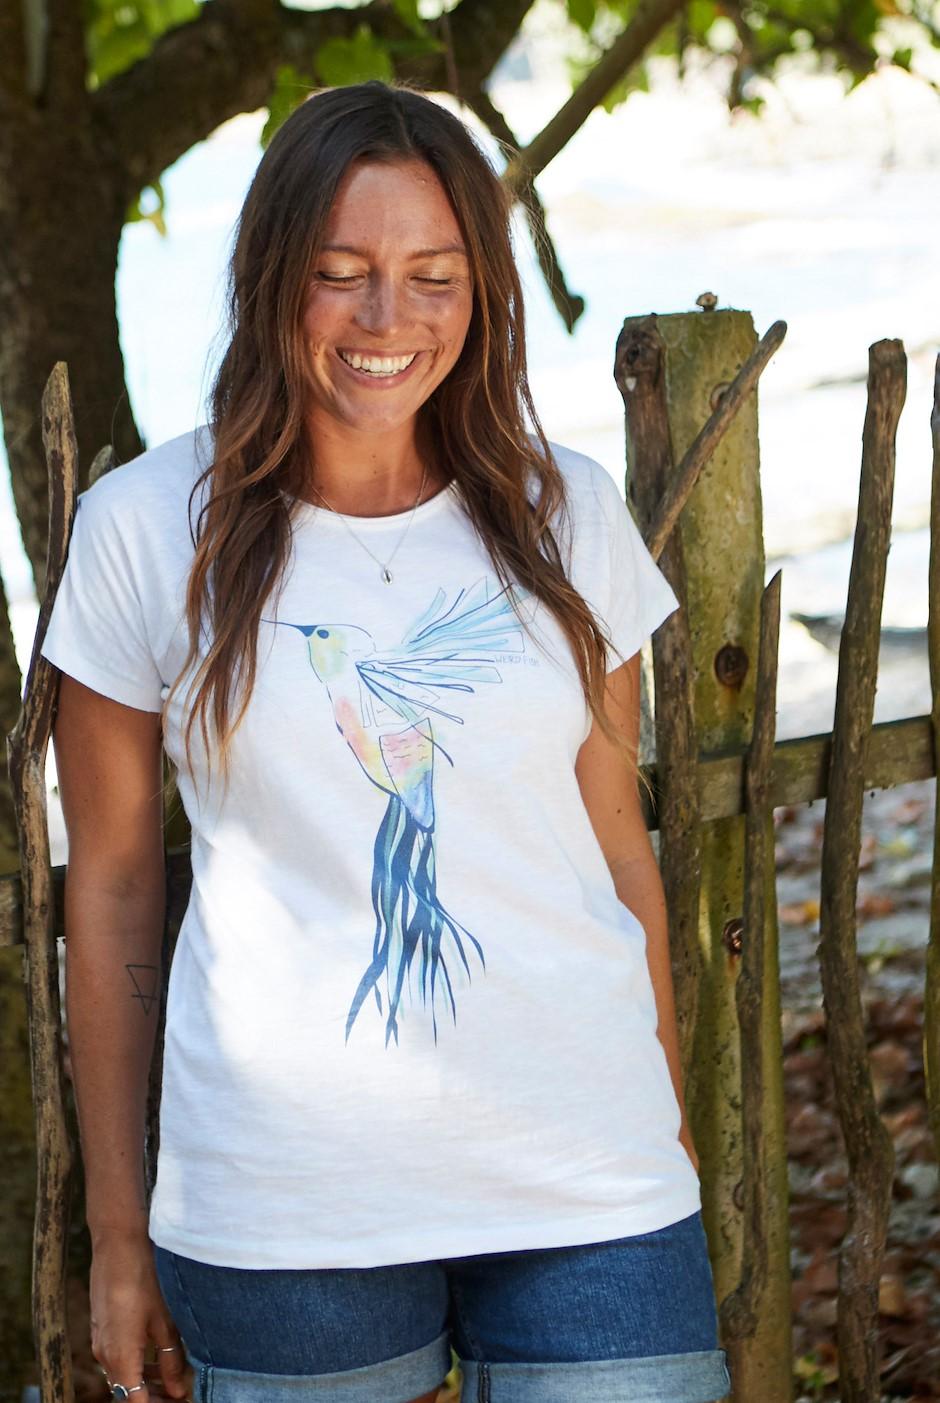 Hummingbird Organic Cotton Graphic T-Shirt White